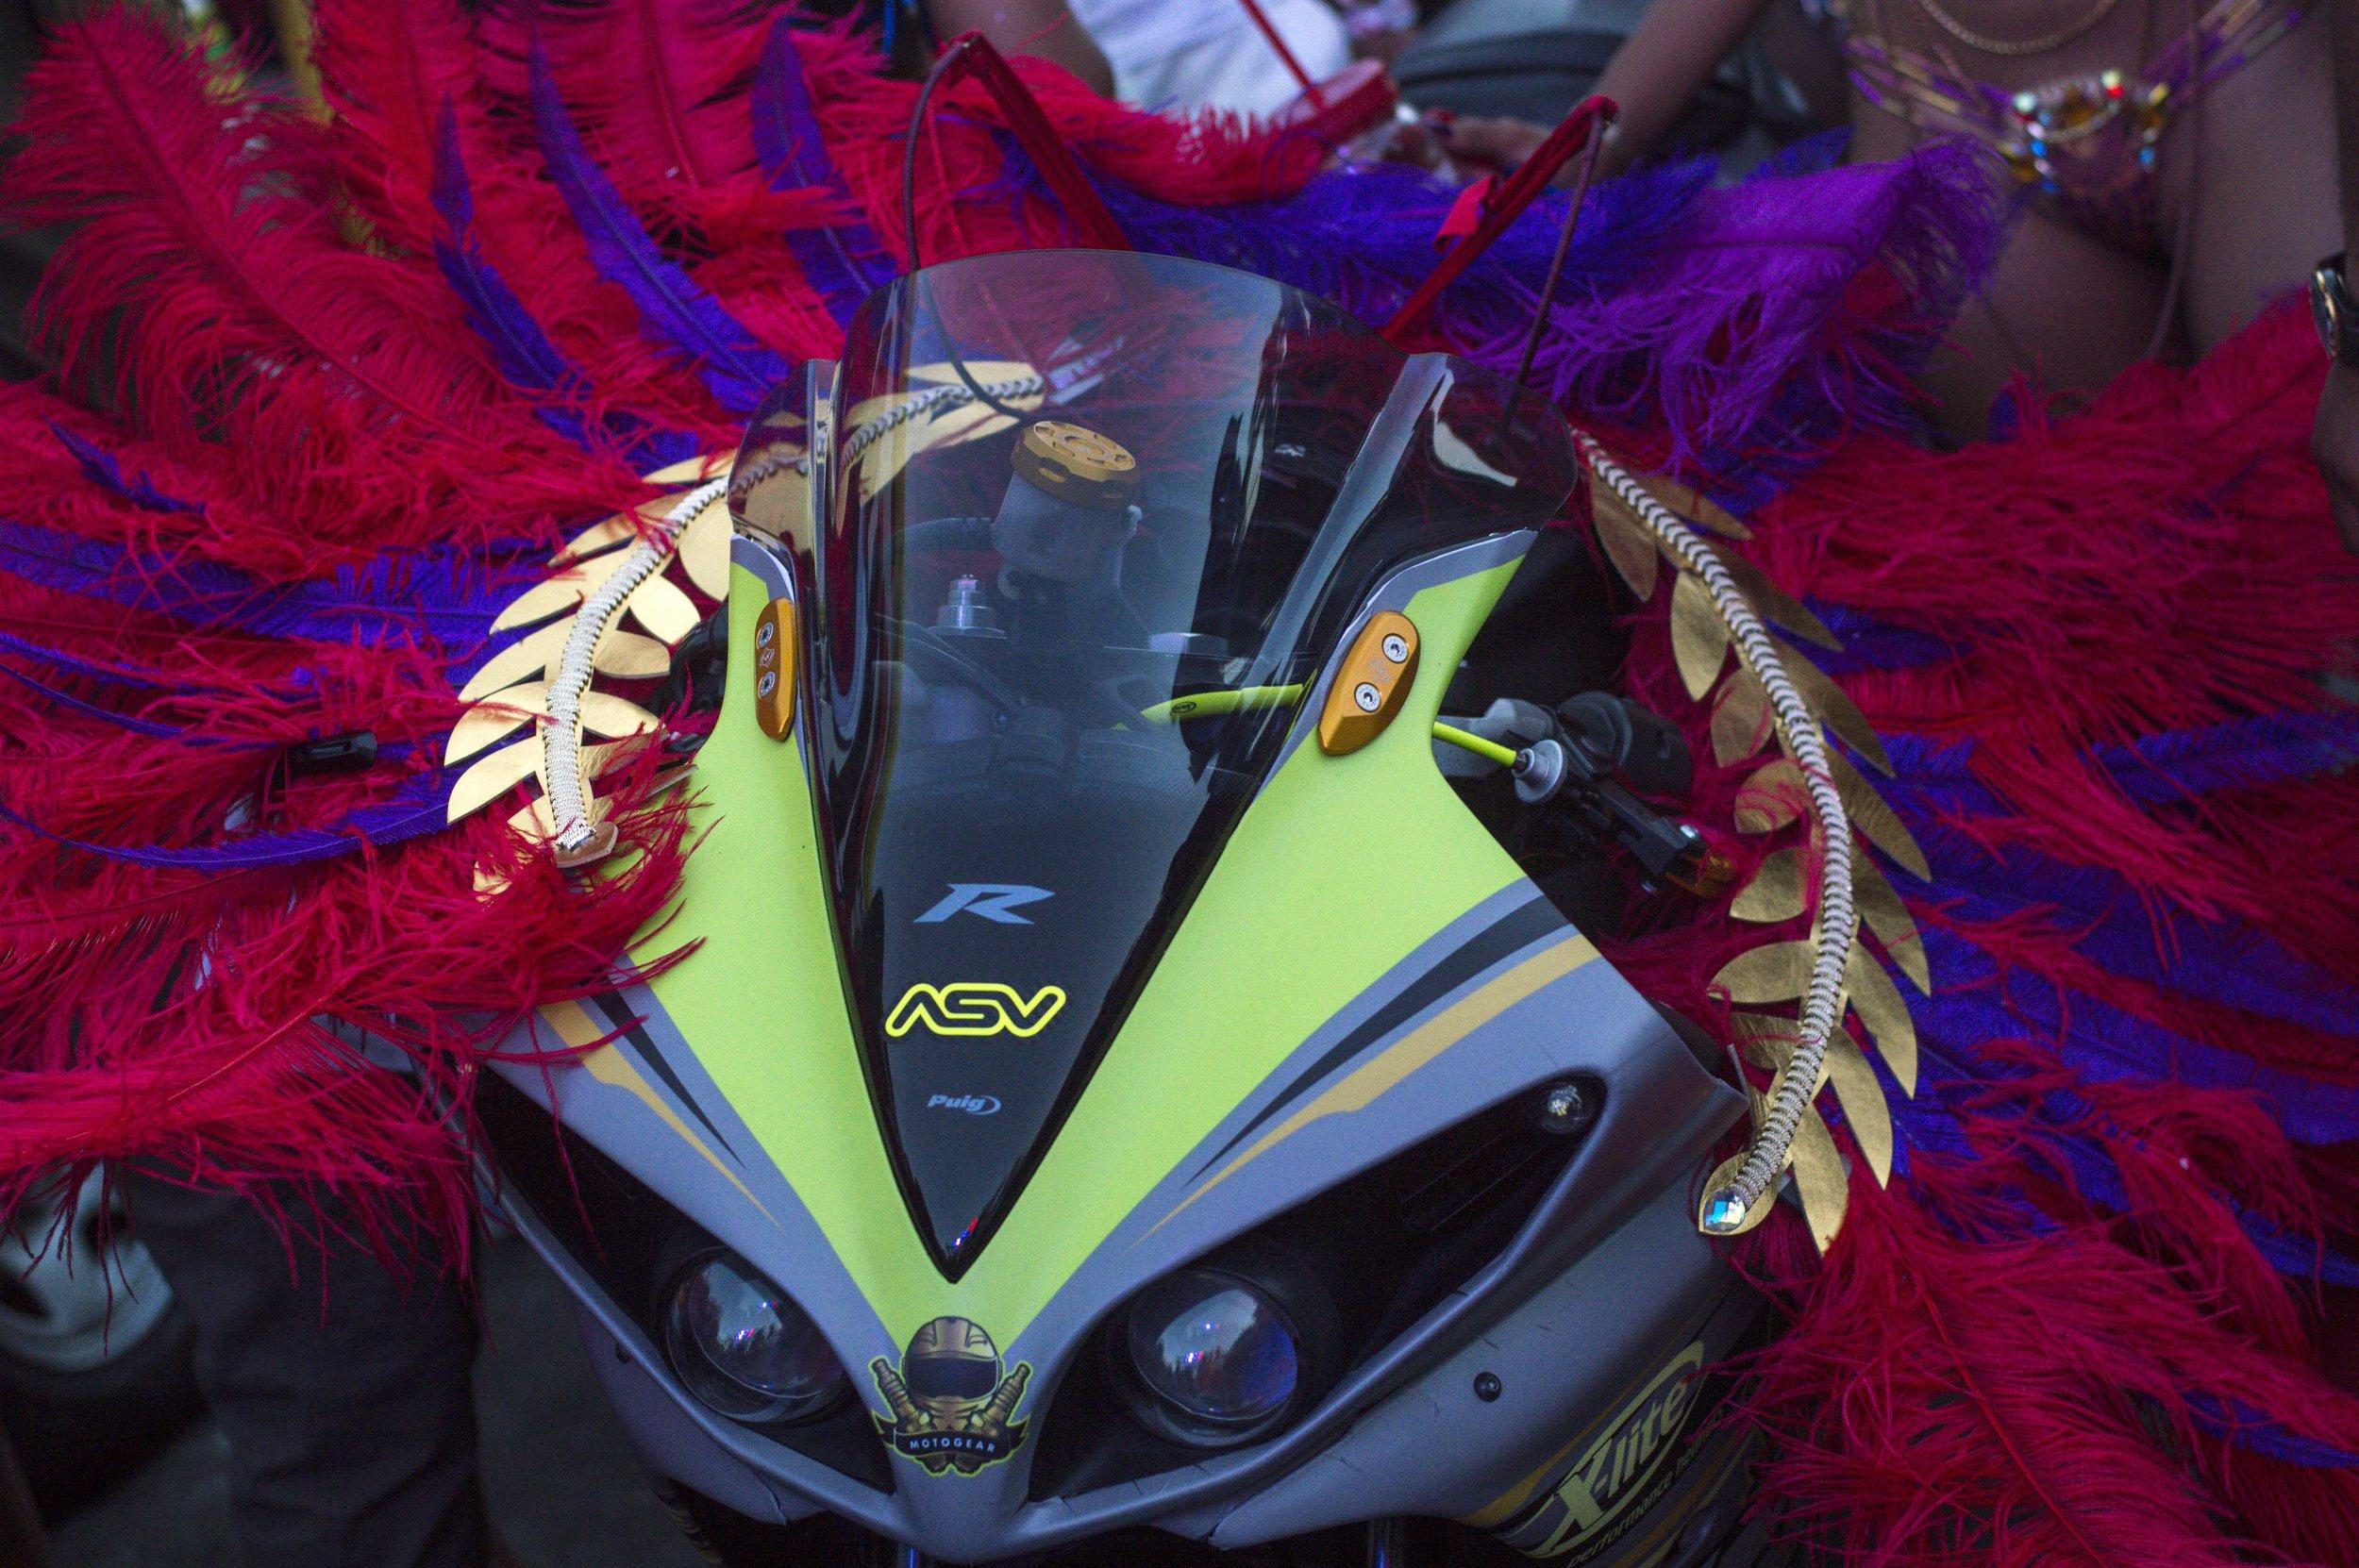 carnival2019_jeanalindo-95.jpg